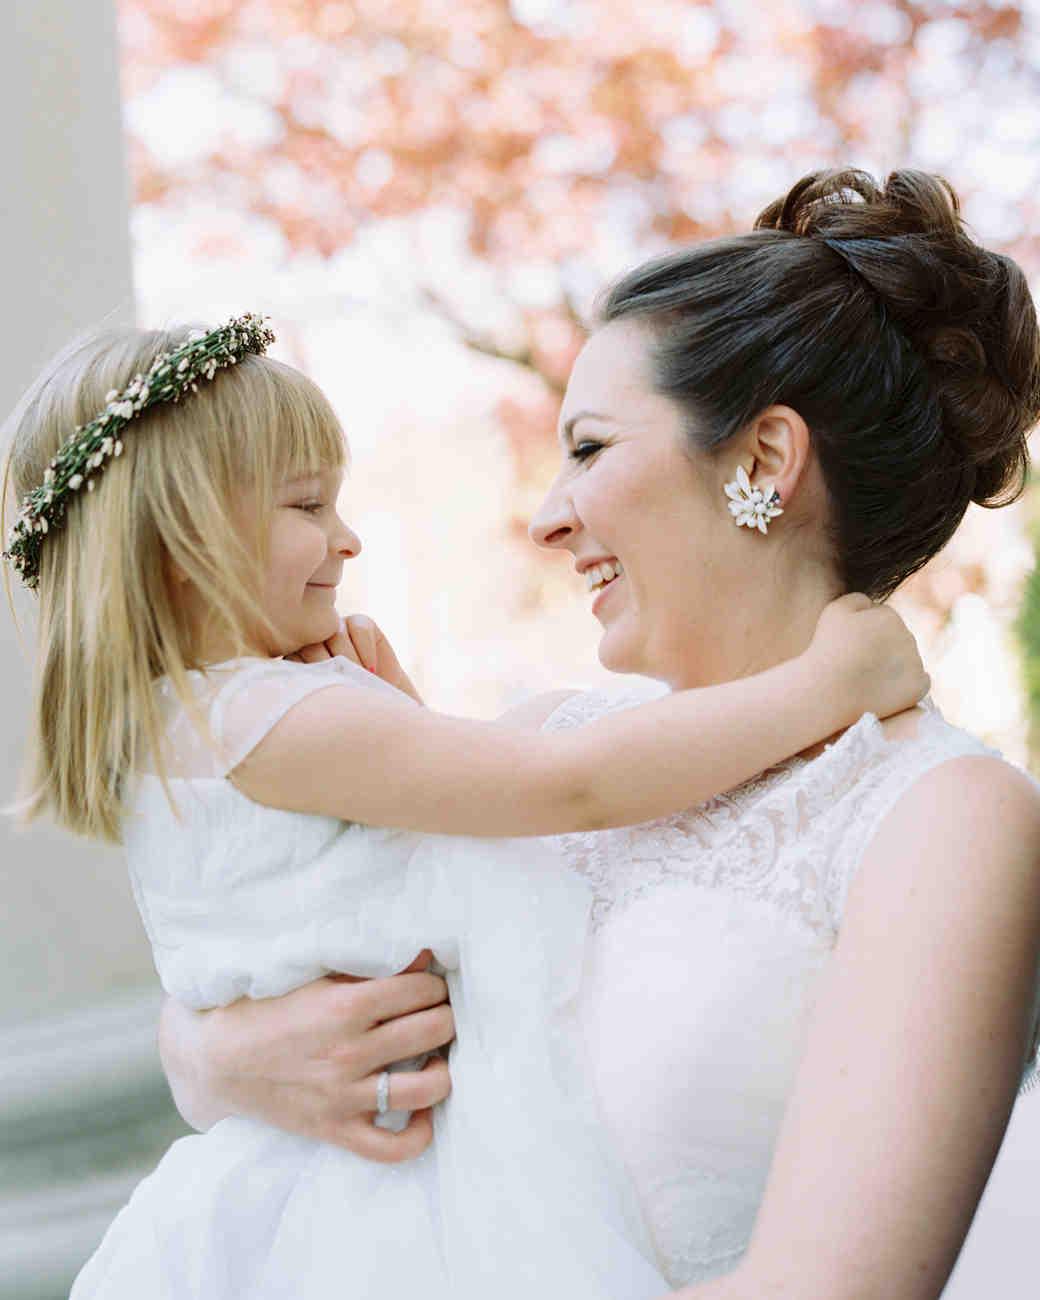 Wedding Flower Girl Rings